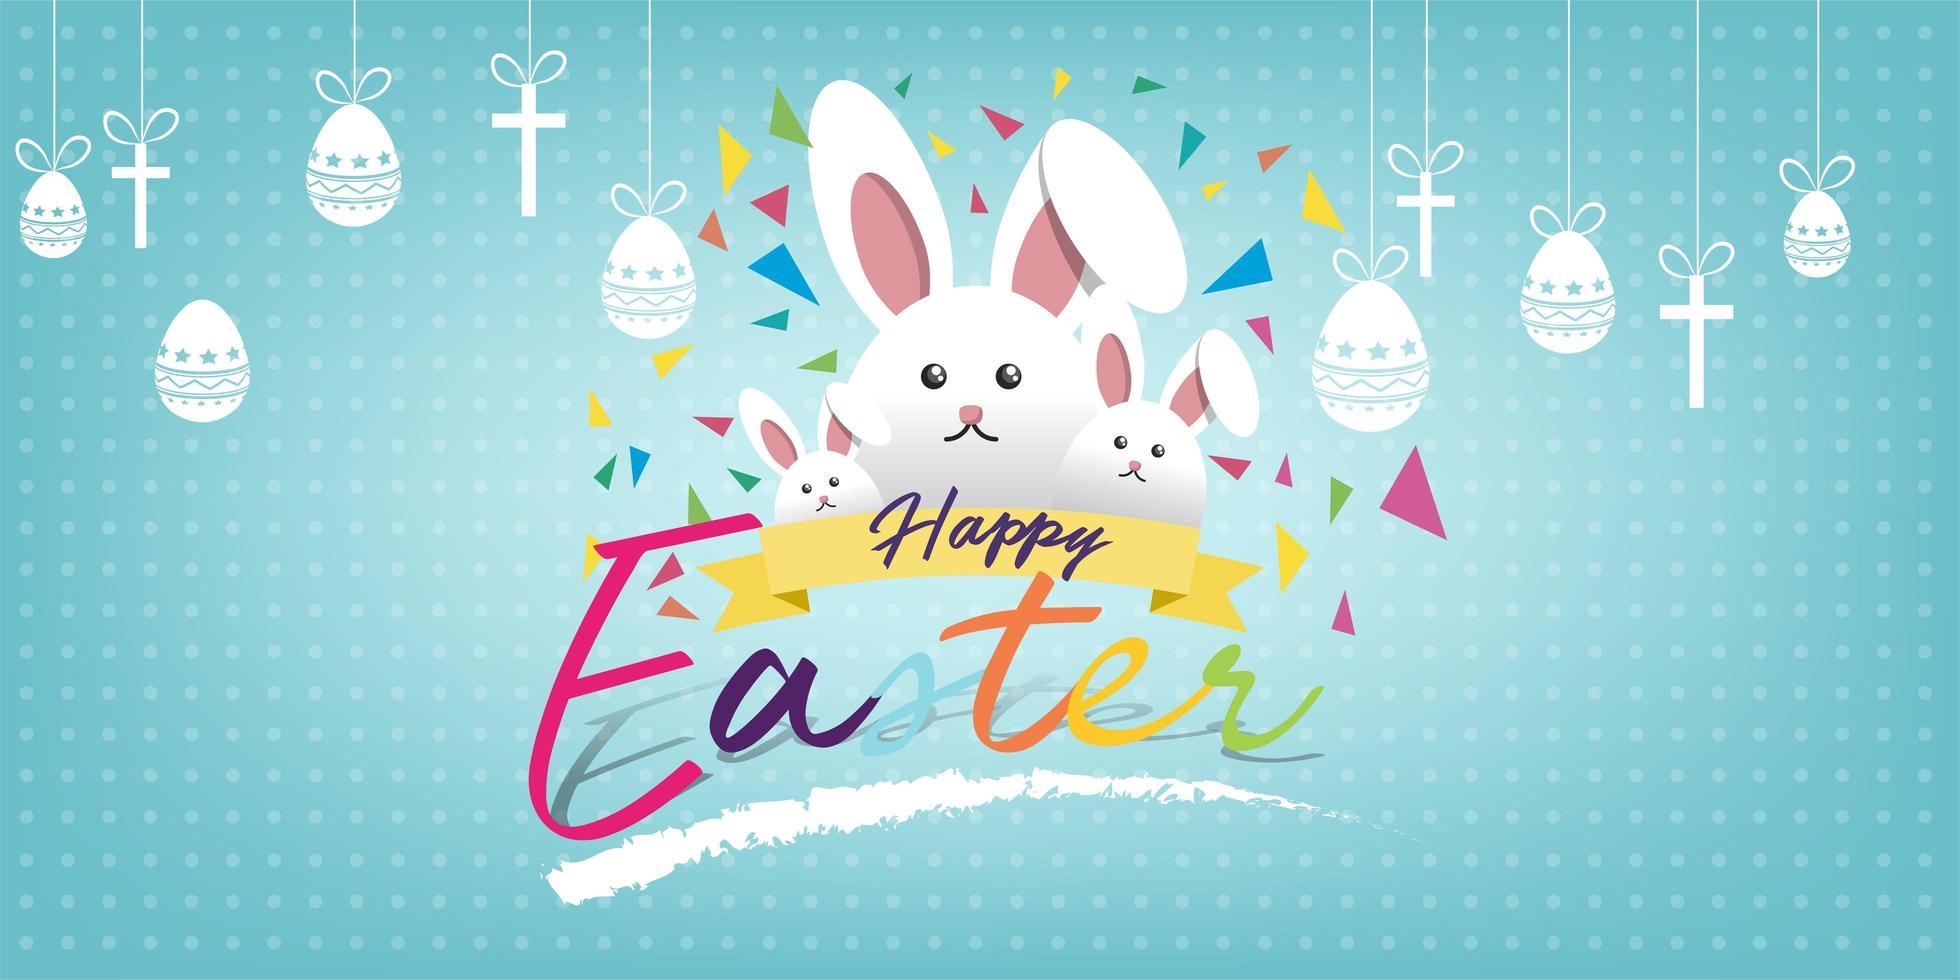 carte de voeux joyeuses pâques avec lapin, lapin et texte vecteur